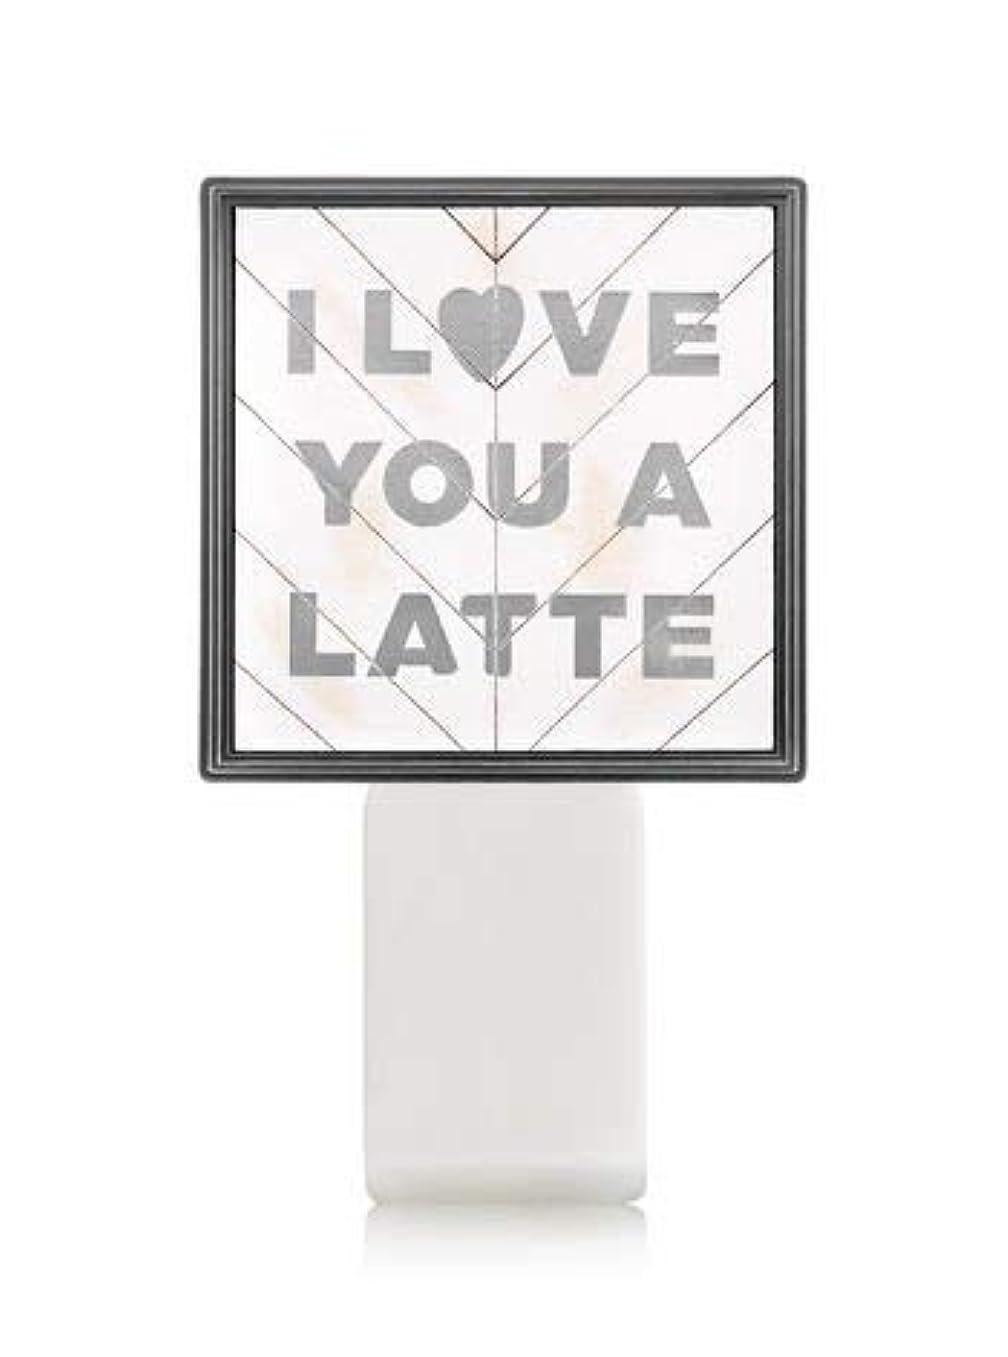 洞察力調停するトンネル【Bath&Body Works/バス&ボディワークス】 ルームフレグランス プラグインスターター (本体のみ) アイラブユー Wallflowers Fragrance Plug I Love You a Latte [並行輸入品]